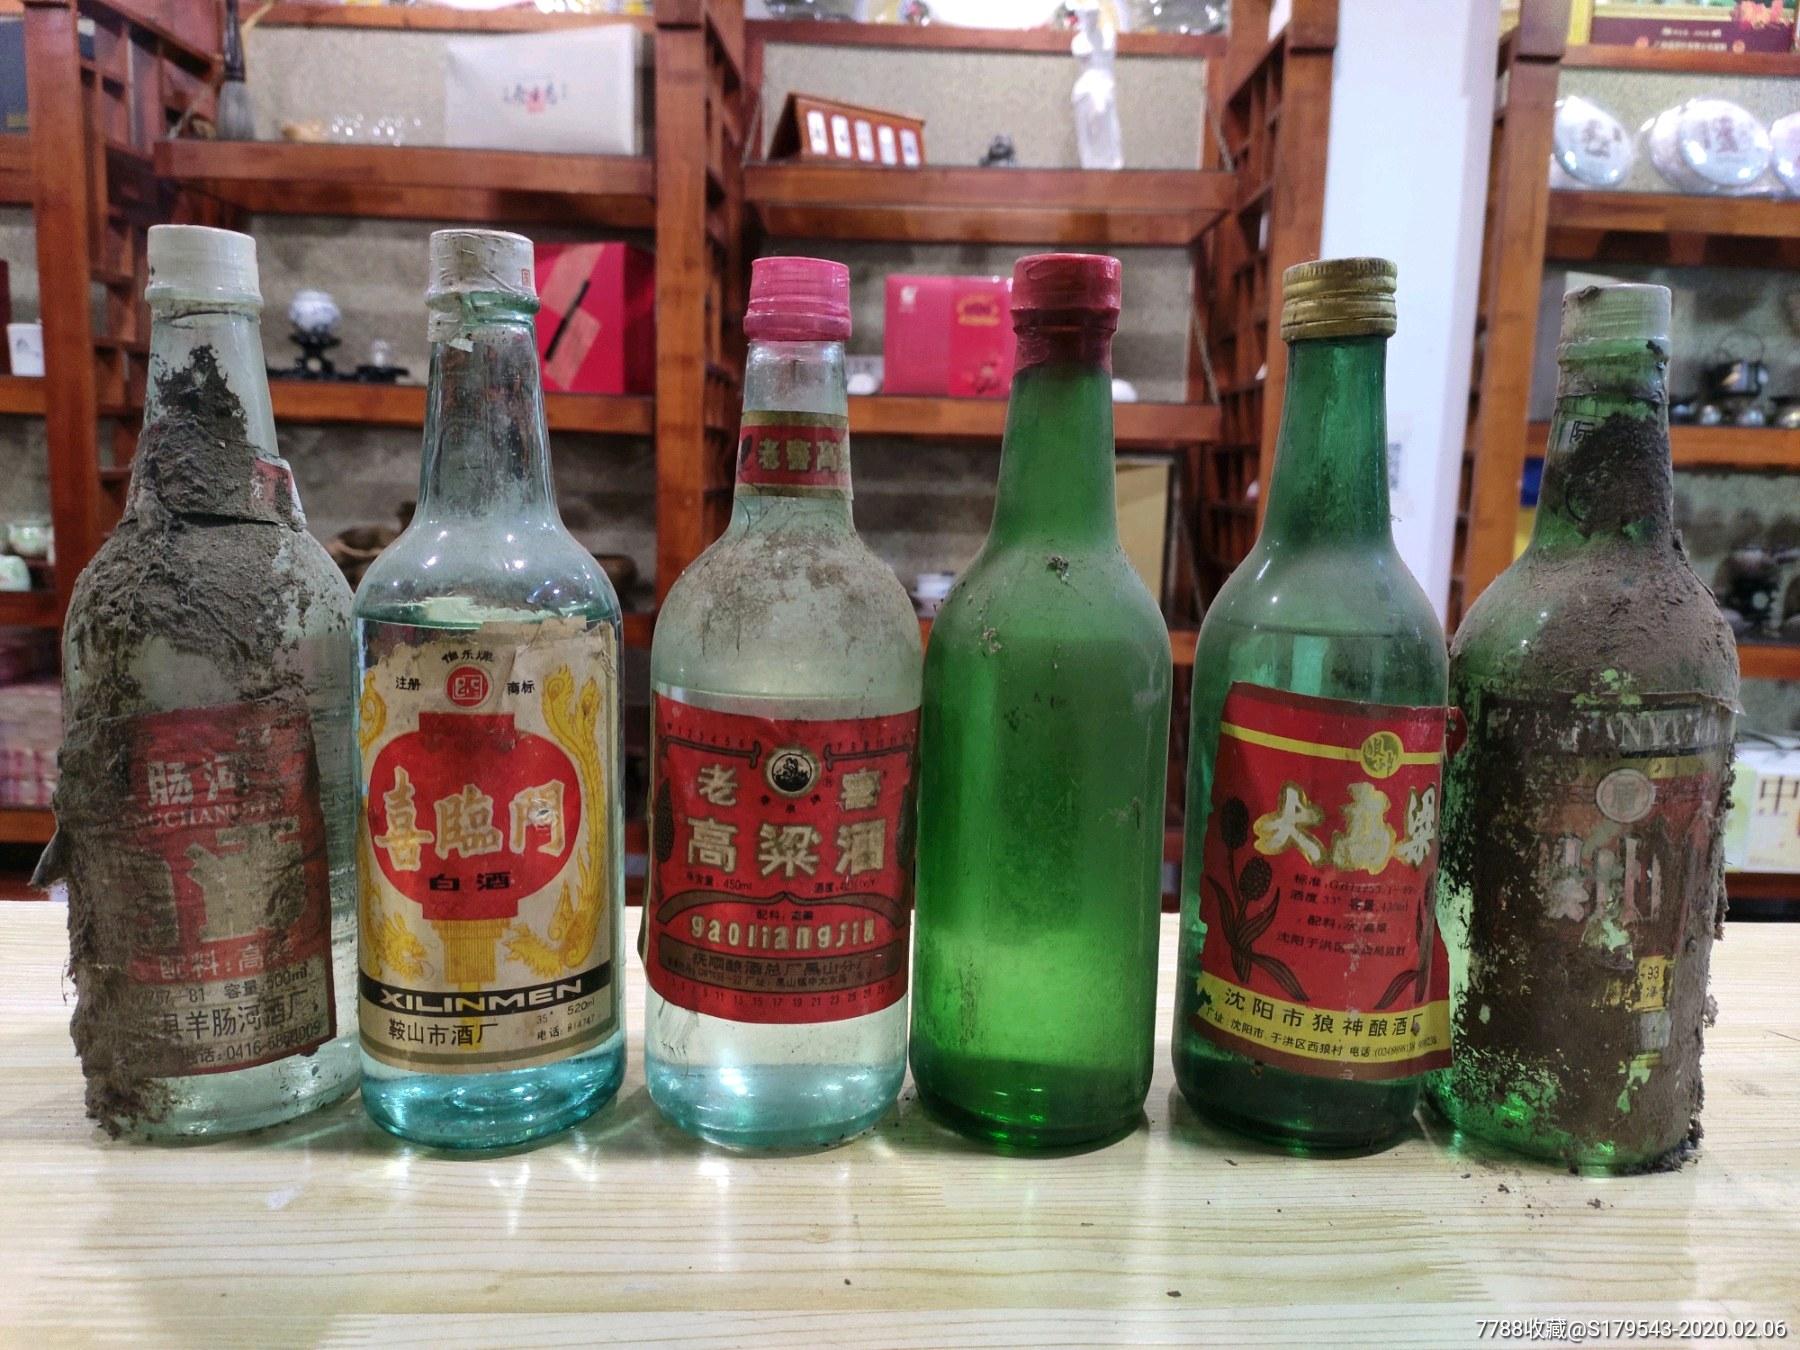 6瓶打包一起!!特价起拍。。品相如图看好下手。。80---90年代老酒。。(au22235475)_